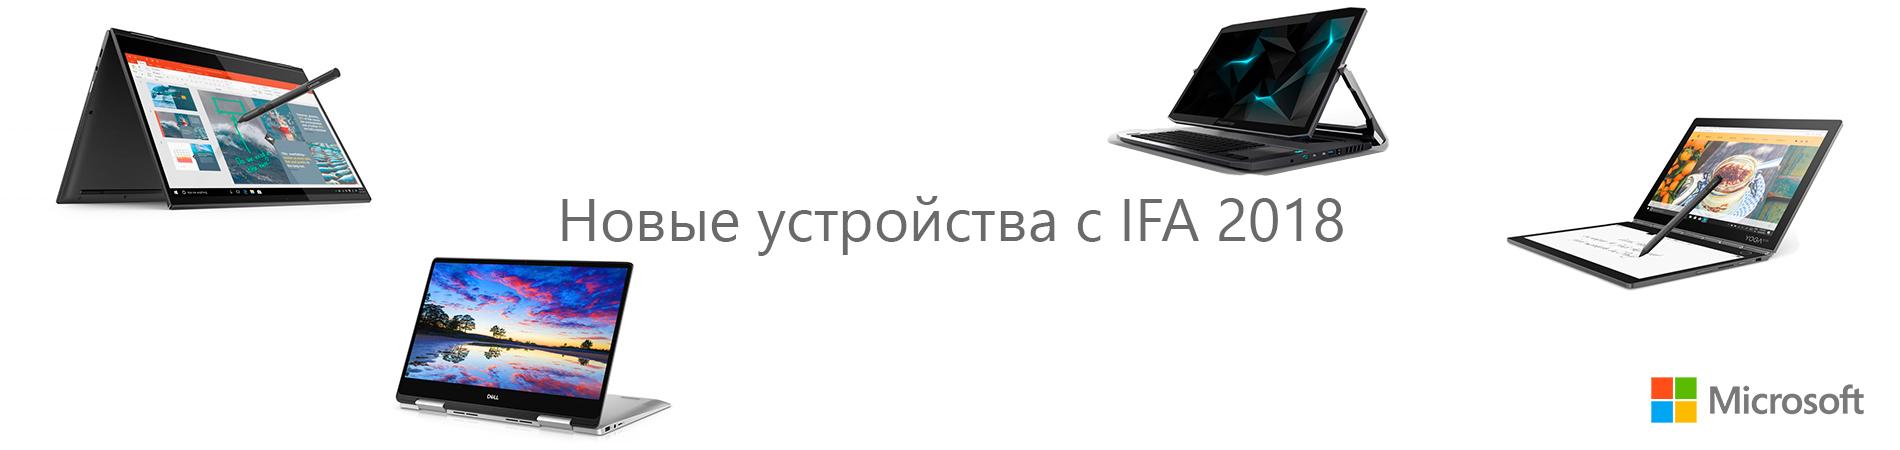 [Перевод] Новые устройства с IFA 2018